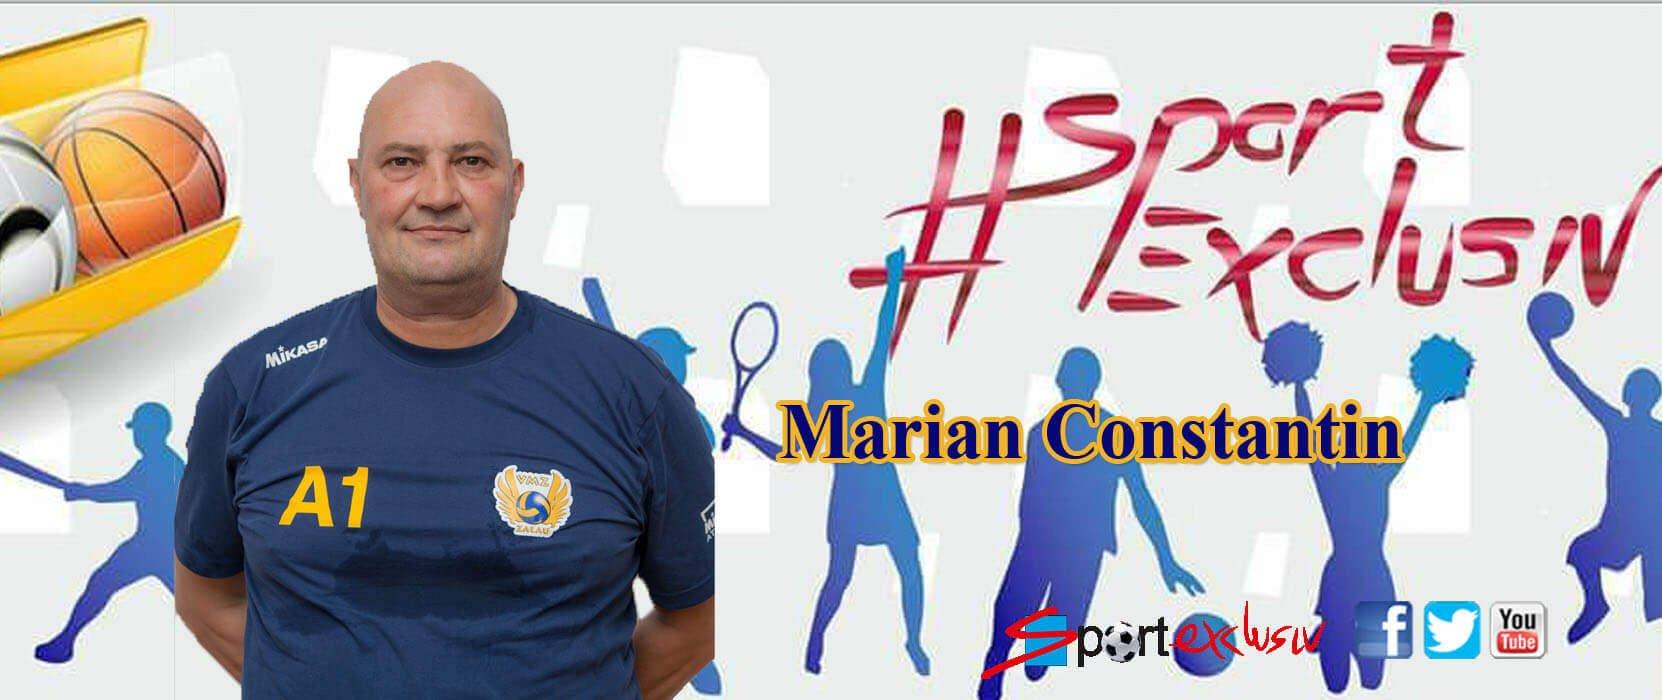 marian constantin: am obținut trei puncte importante Marian Constantin: Am obținut trei puncte importante marian constantin zalau